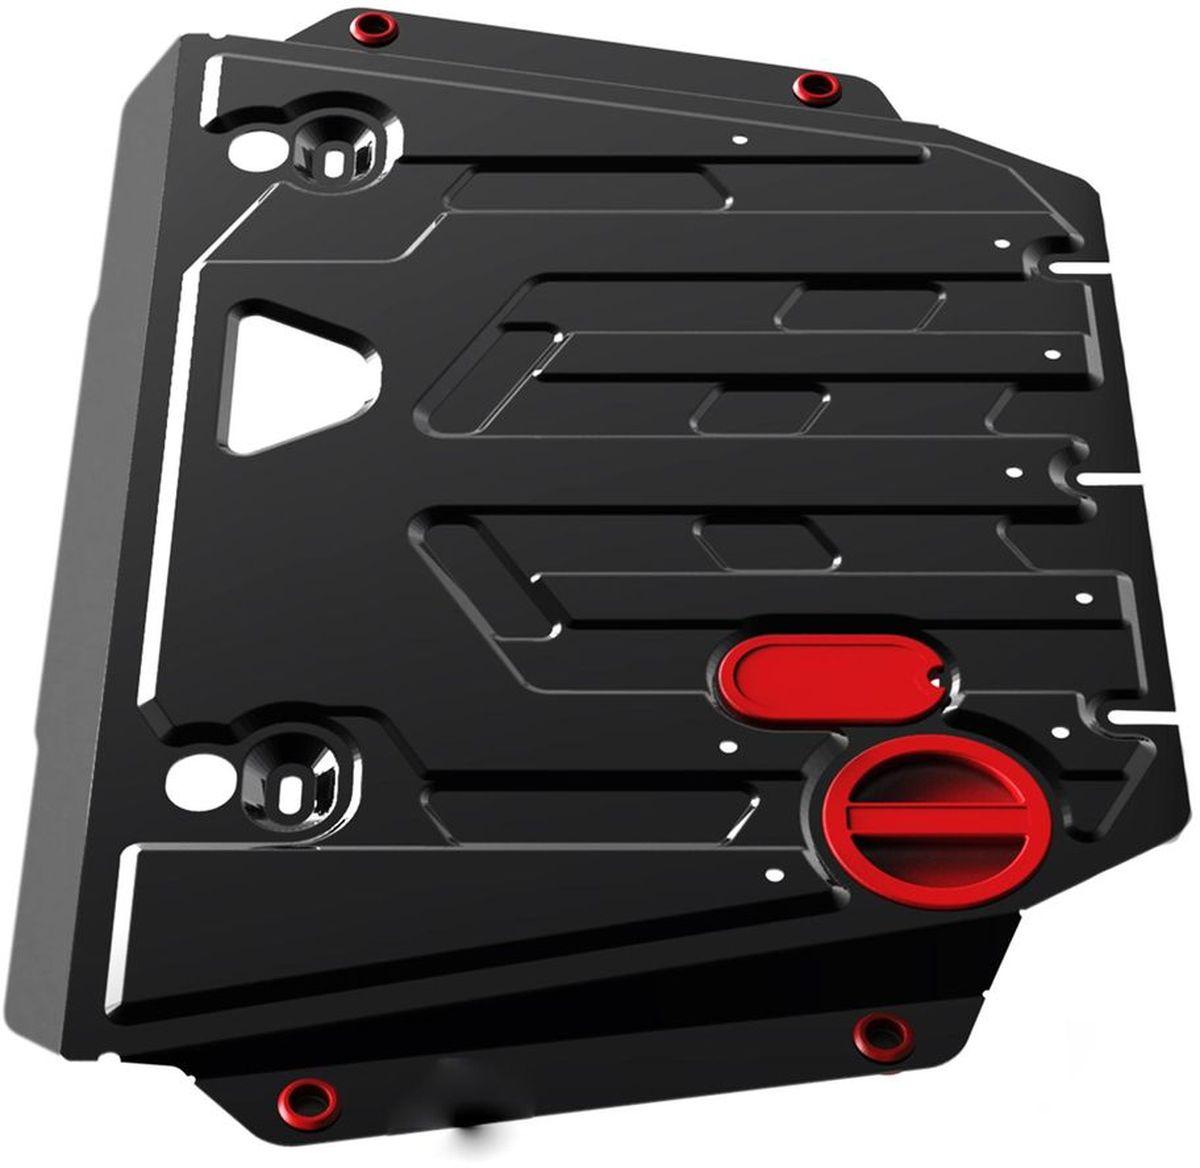 Защита картера и КПП Автоброня, для Infiniti JX35,V-3,5 (2012-2013)/Infiniti QX60,V-3,5(2013-)/Nissan Pathfinder1004900000360Технологически совершенный продукт за невысокую стоимость.Защита разработана с учетом особенностей днища автомобиля, что позволяет сохранить дорожный просвет с минимальным изменением.Защита устанавливается в штатные места кузова автомобиля. Глубокий штамп обеспечивает до двух раз больше жесткости в сравнении с обычной защитой той же толщины. Проштампованные ребра жесткости препятствуют деформации защиты при ударах.Тепловой зазор и вентиляционные отверстия обеспечивают сохранение температурного режима двигателя в норме. Скрытый крепеж предотвращает срыв крепежных элементов при наезде на препятствие.Шумопоглощающие резиновые элементы обеспечивают комфортную езду без вибраций и скрежета металла, а съемные лючки для слива масла и замены фильтра - экономию средств и время.Конструкция изделия не влияет на пассивную безопасность автомобиля (при ударе защита не воздействует на деформационные зоны кузова). Со штатным крепежом. В комплекте инструкция по установке.Толщина стали: 2 мм.Уважаемые клиенты!Обращаем ваше внимание, что элемент защиты имеет форму, соответствующую модели данного автомобиля. Фото служит для визуального восприятия товара и может отличаться от фактического.